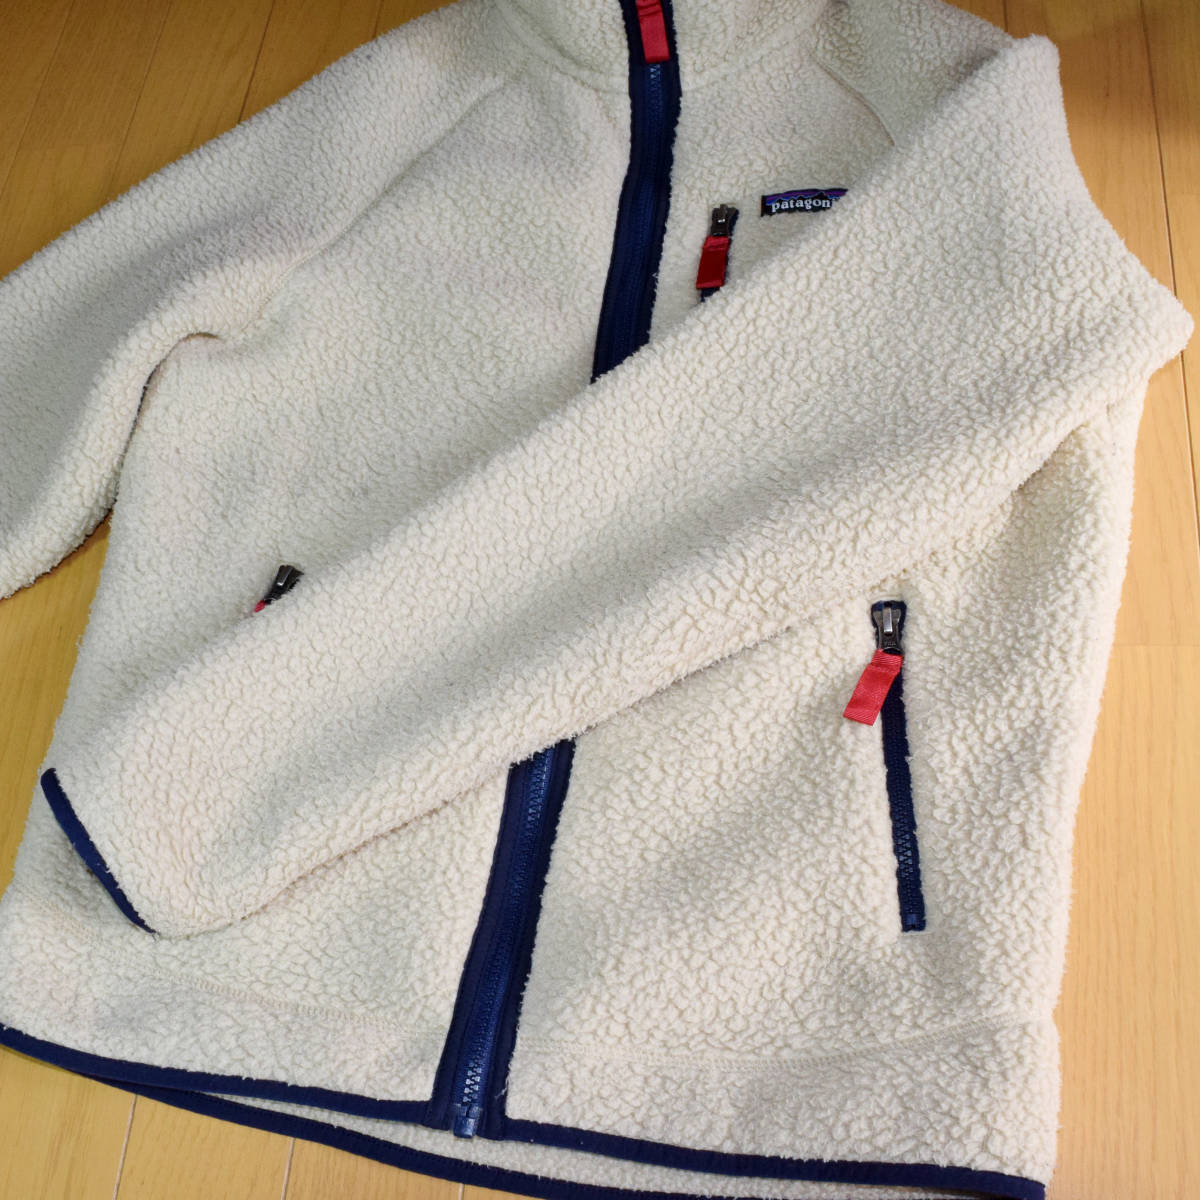 送料無料!人気カラー patagonia パタゴニア MEN'S retro pile jacket S サイズ レトロパイル ジャケット レトロX 希少22800FA18 ELKH_画像4